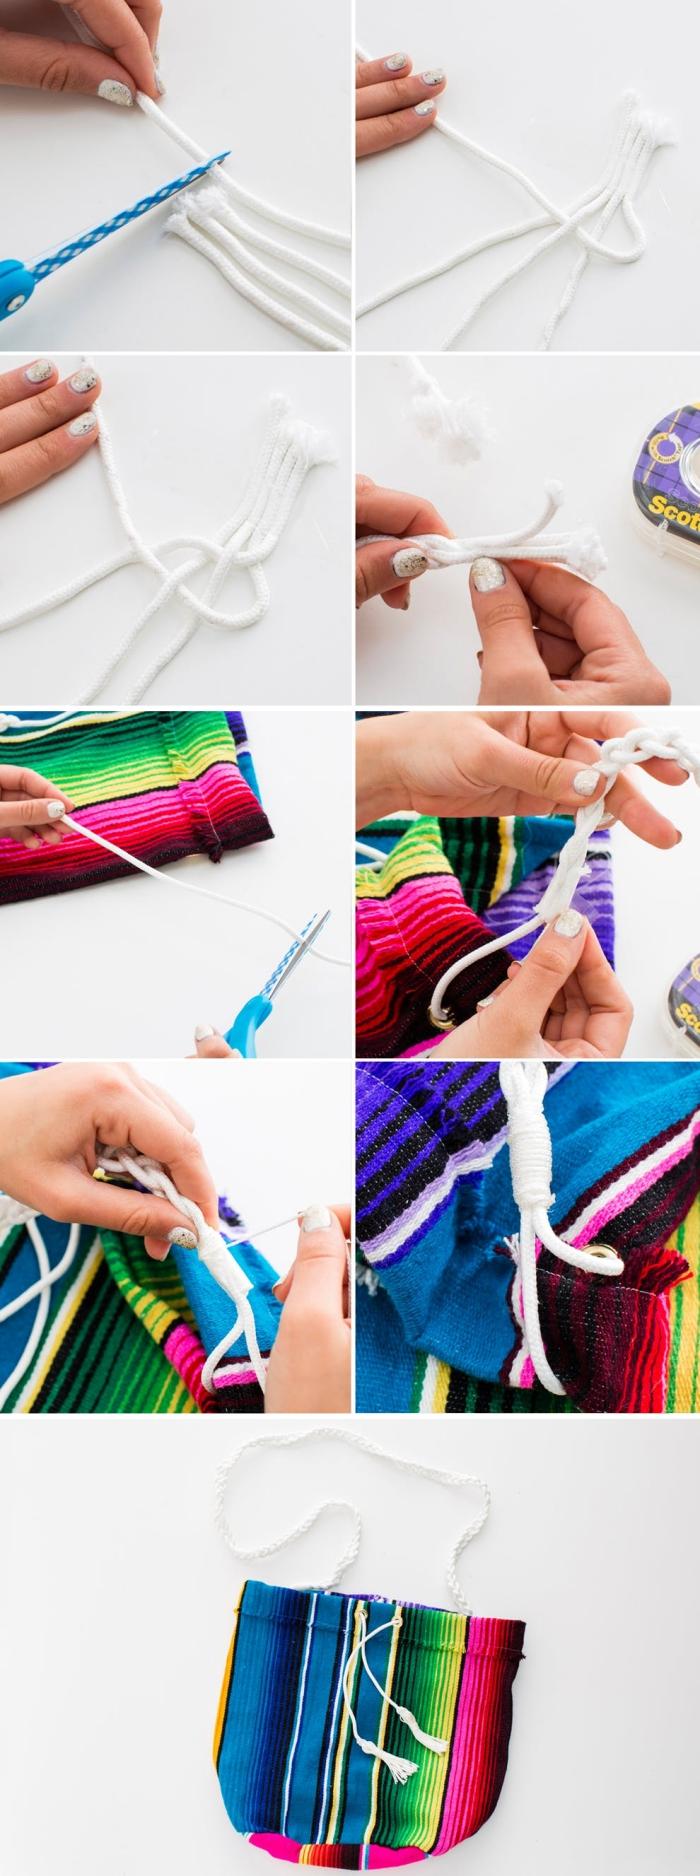 idée comment faire une poignée de sac DIY en corde coton, modèle de sac à main multicolore à rayures avec poignée blanche